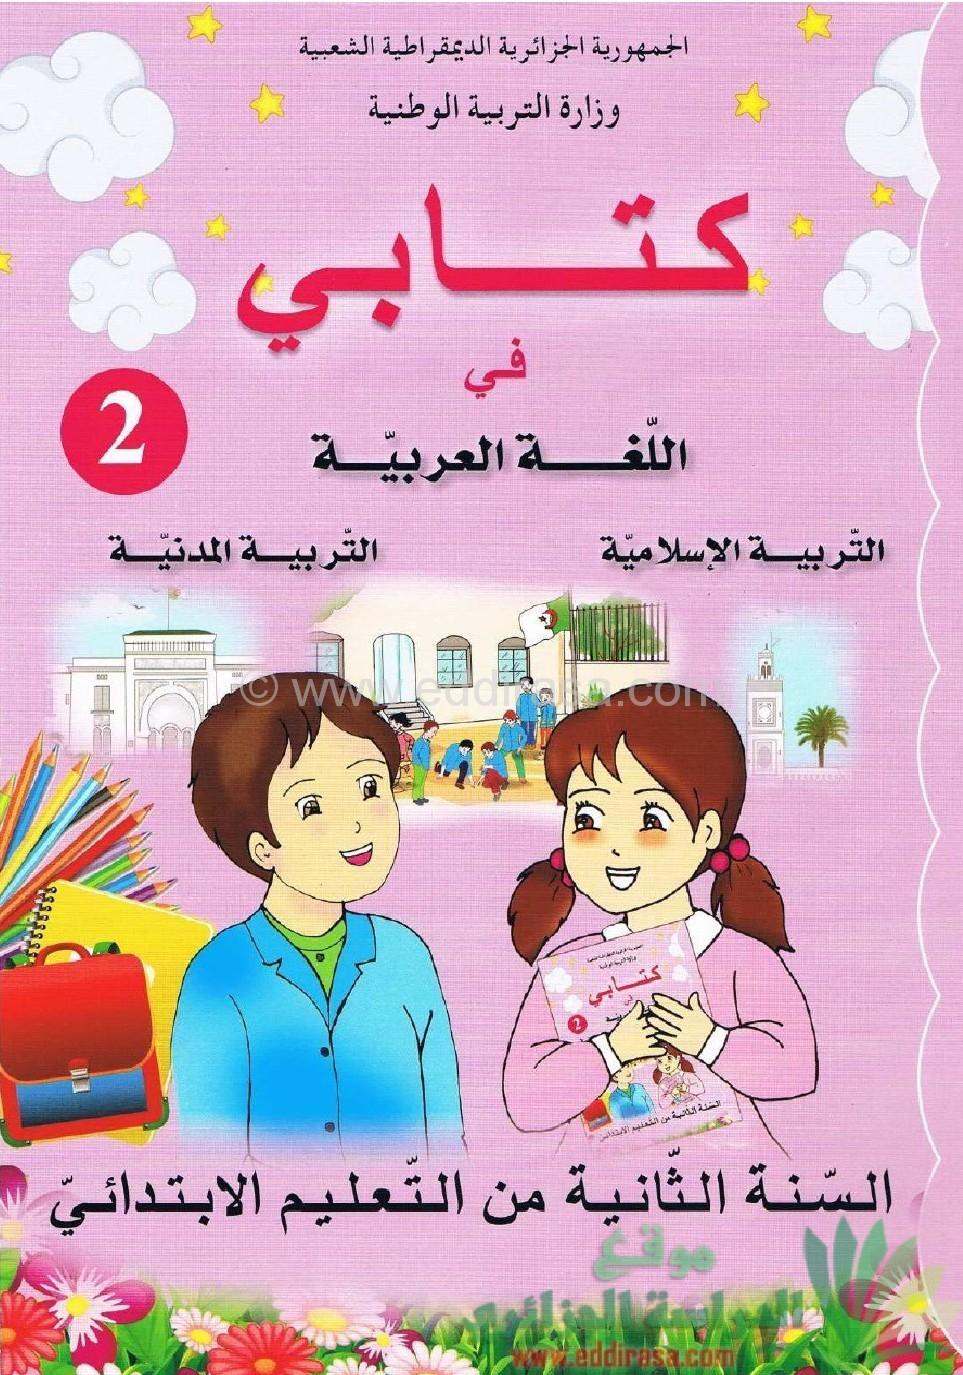 كتب التربية الاسلامية pdf